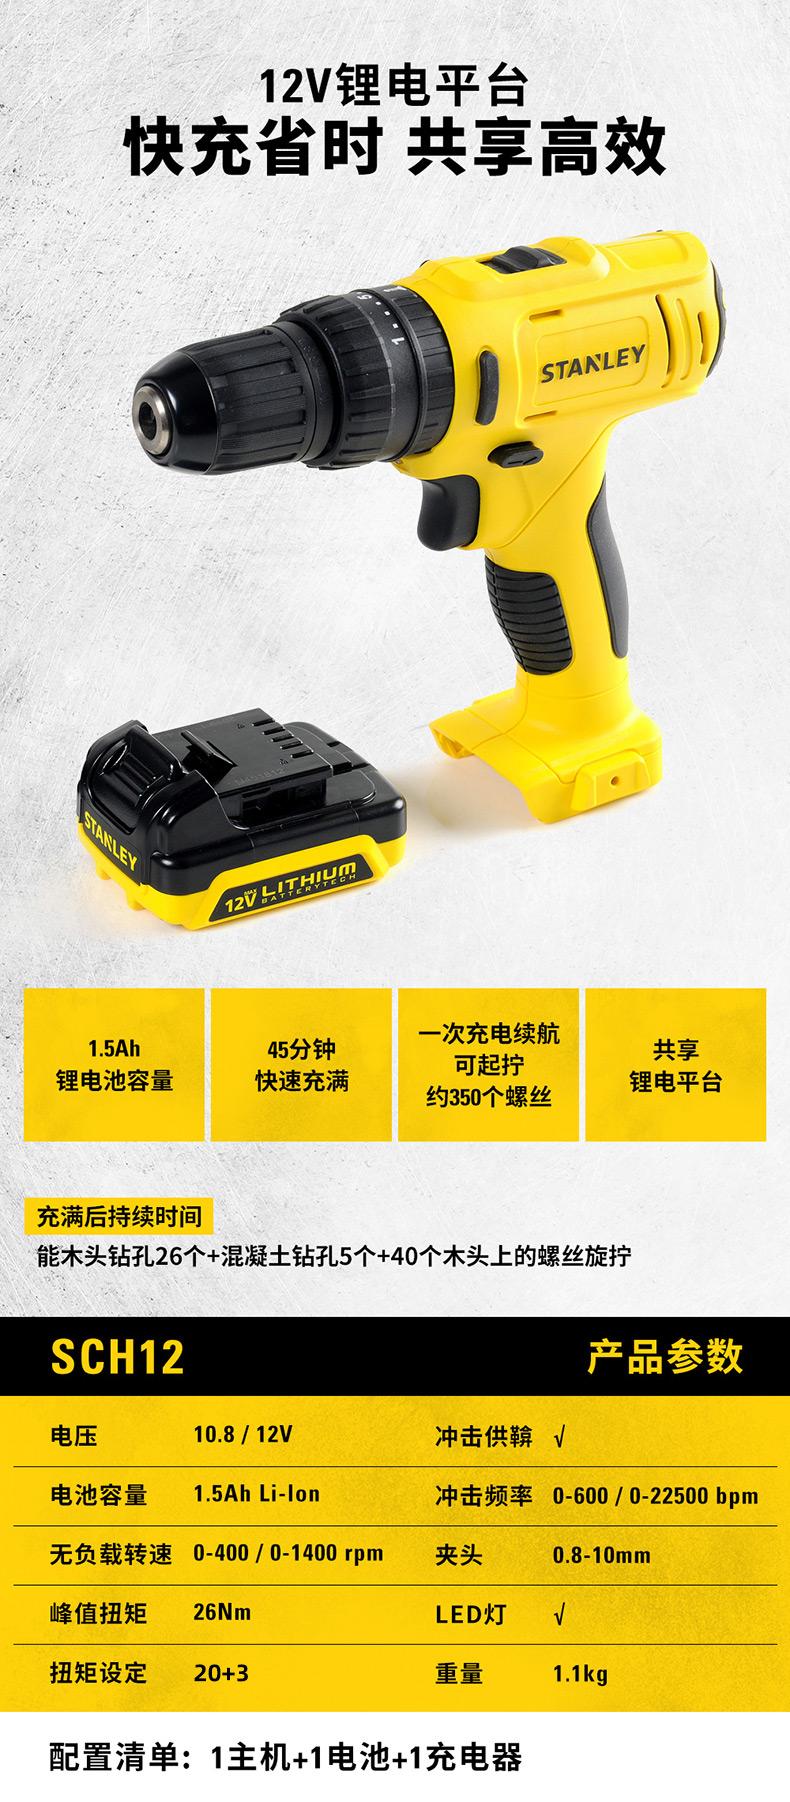 世界知名工具品牌 史丹利 手工具套装家用维修 图6